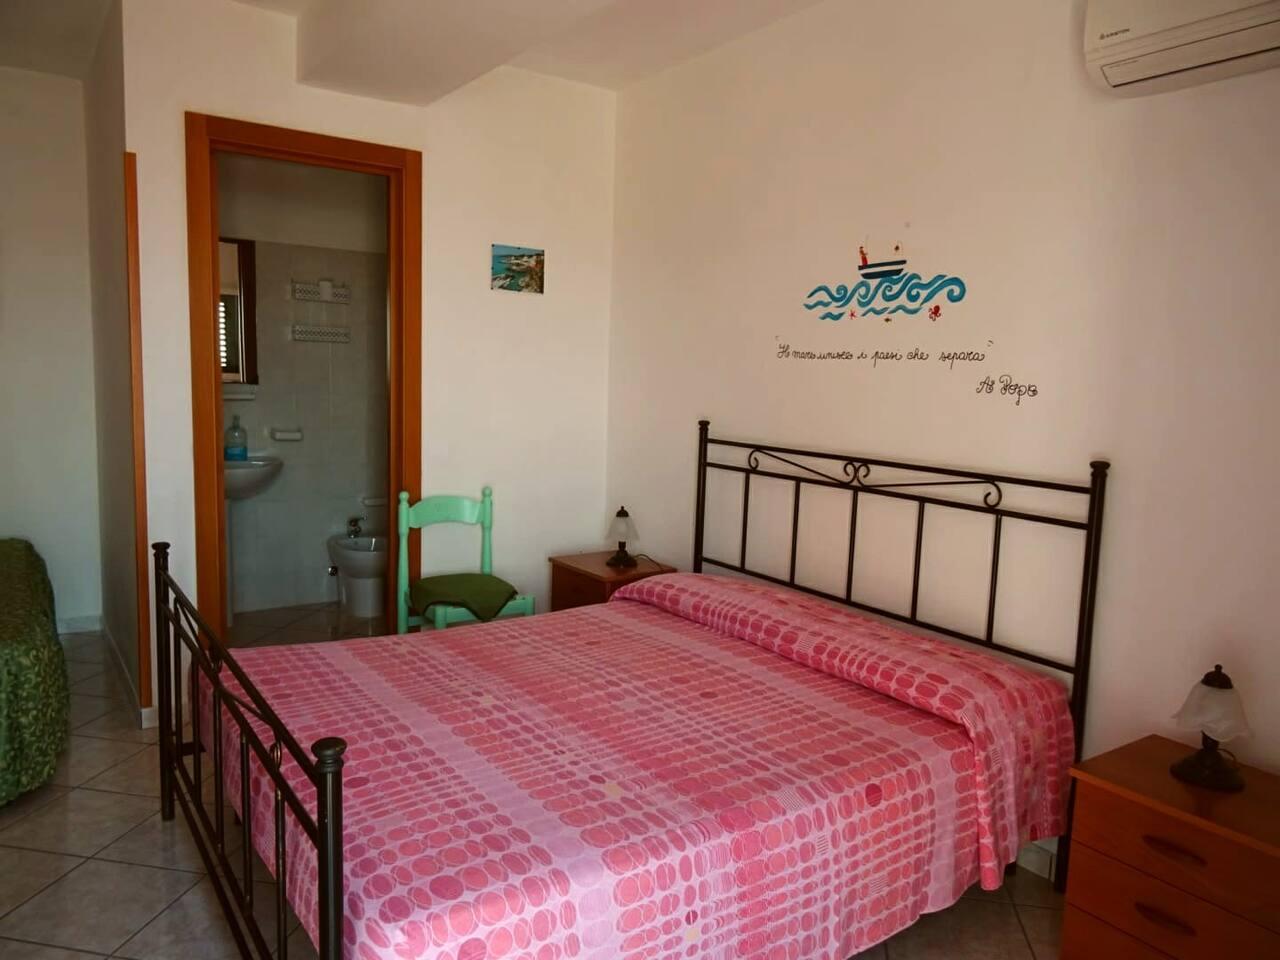 Camera da letto con letto matrimoniale, un letto singolo, bagno privato